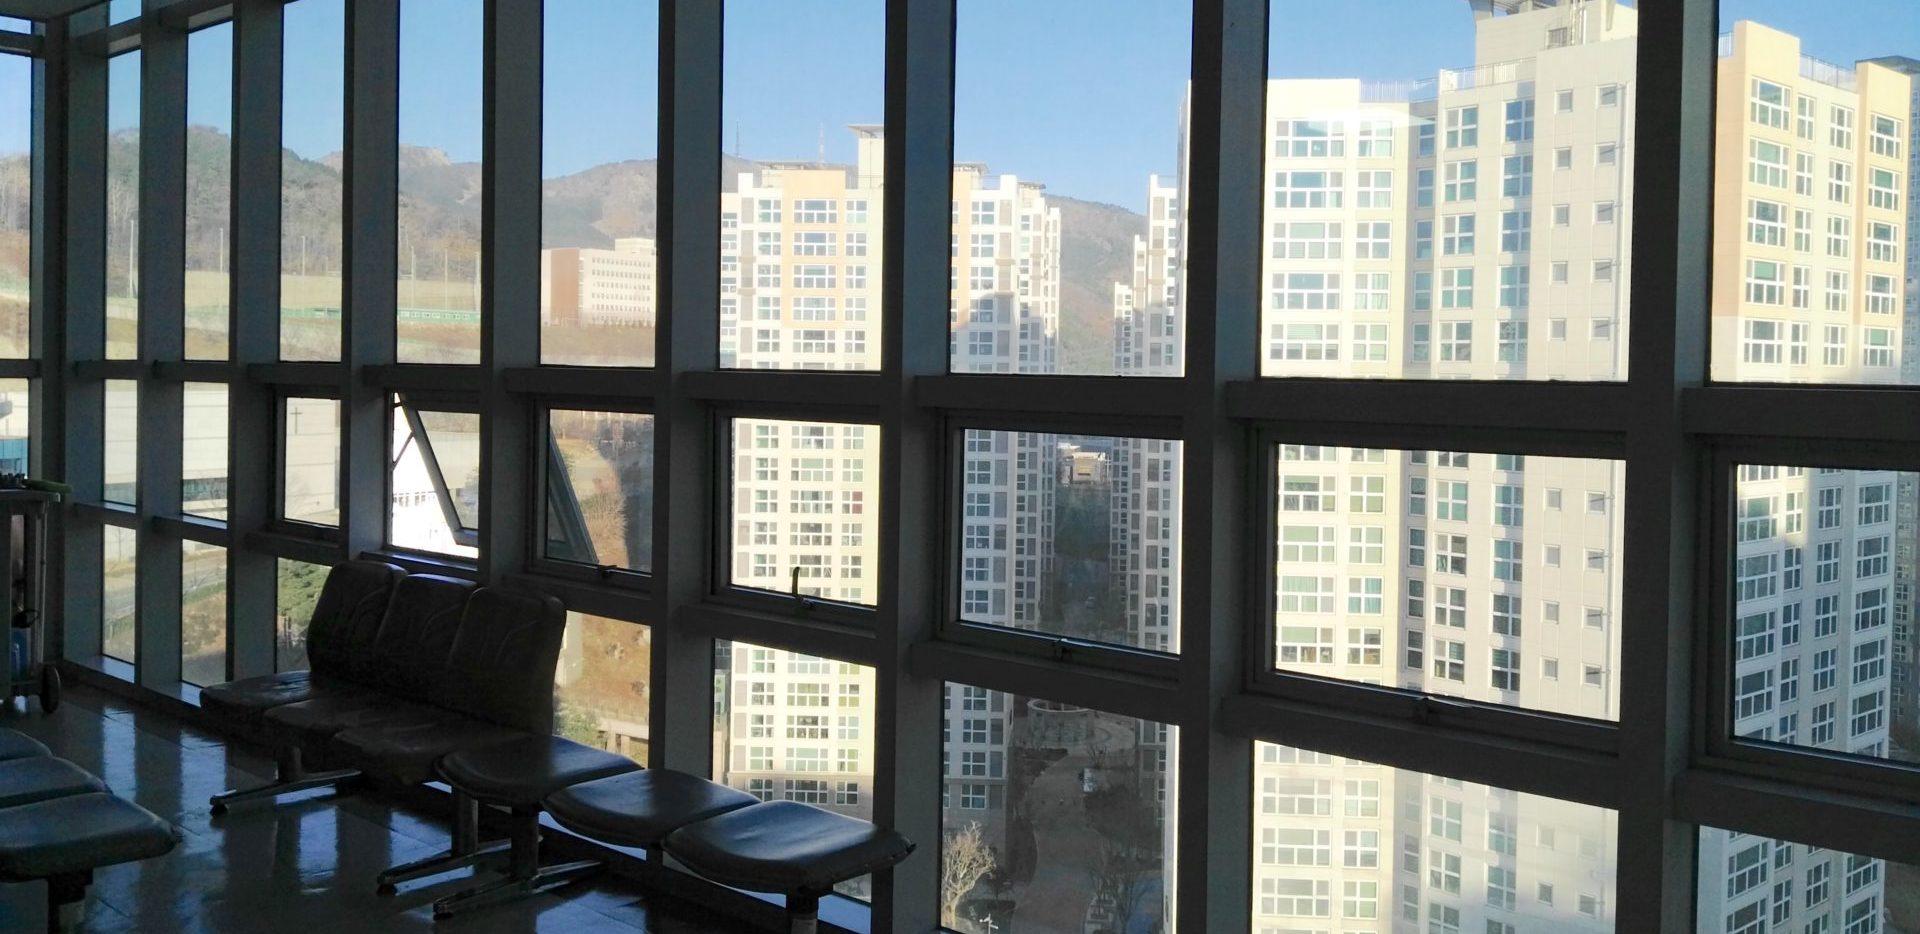 Alloggiare in un dormitorio dell'università in Corea